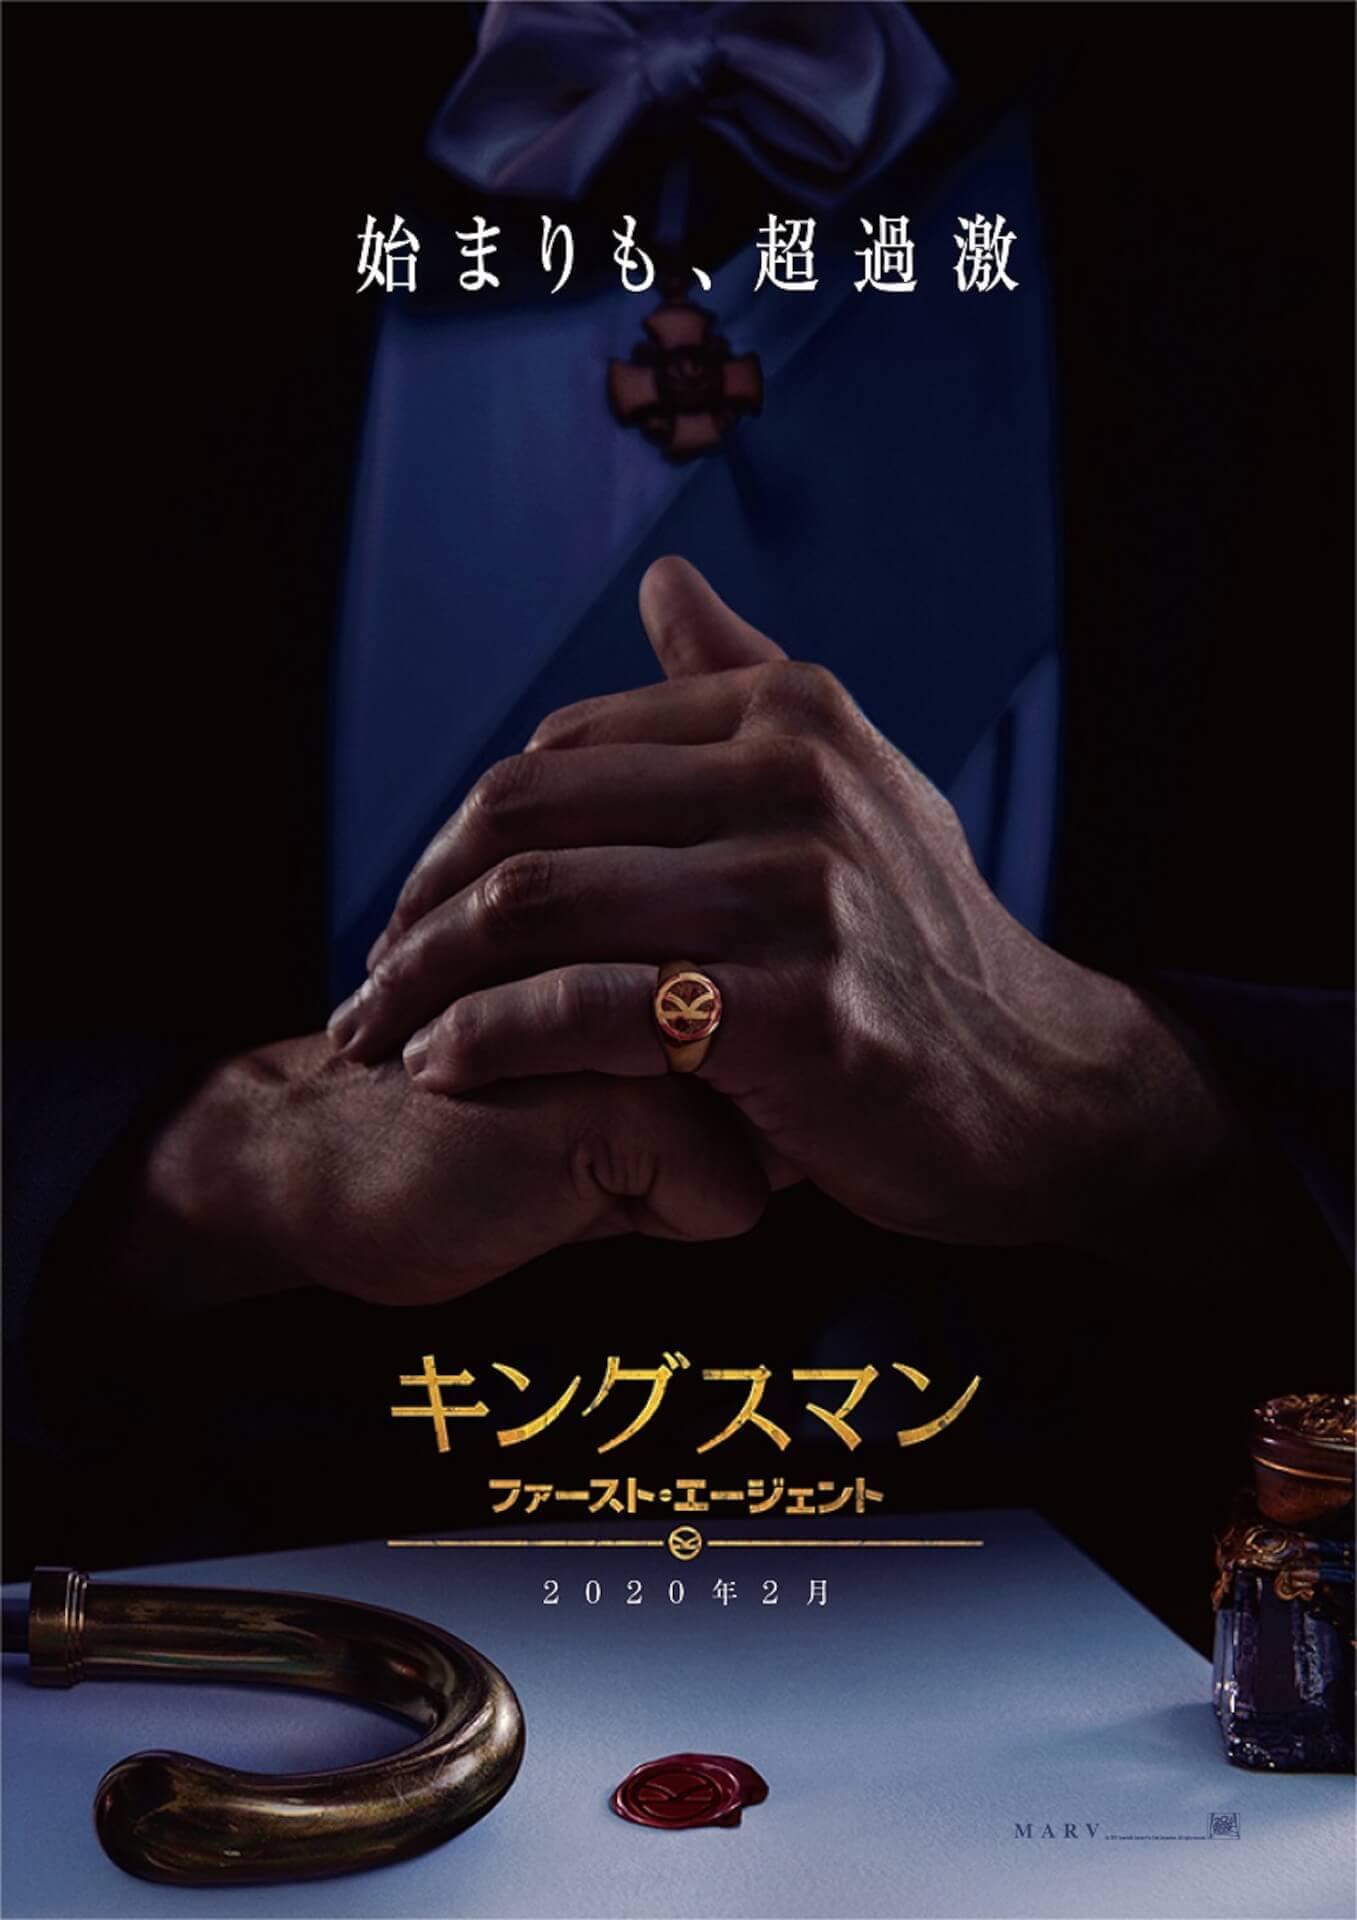 キングスマンシリーズ最新作『キングスマン:ファースト・エージェント』の公開が2021年に延期に film2020831-kingsman_2